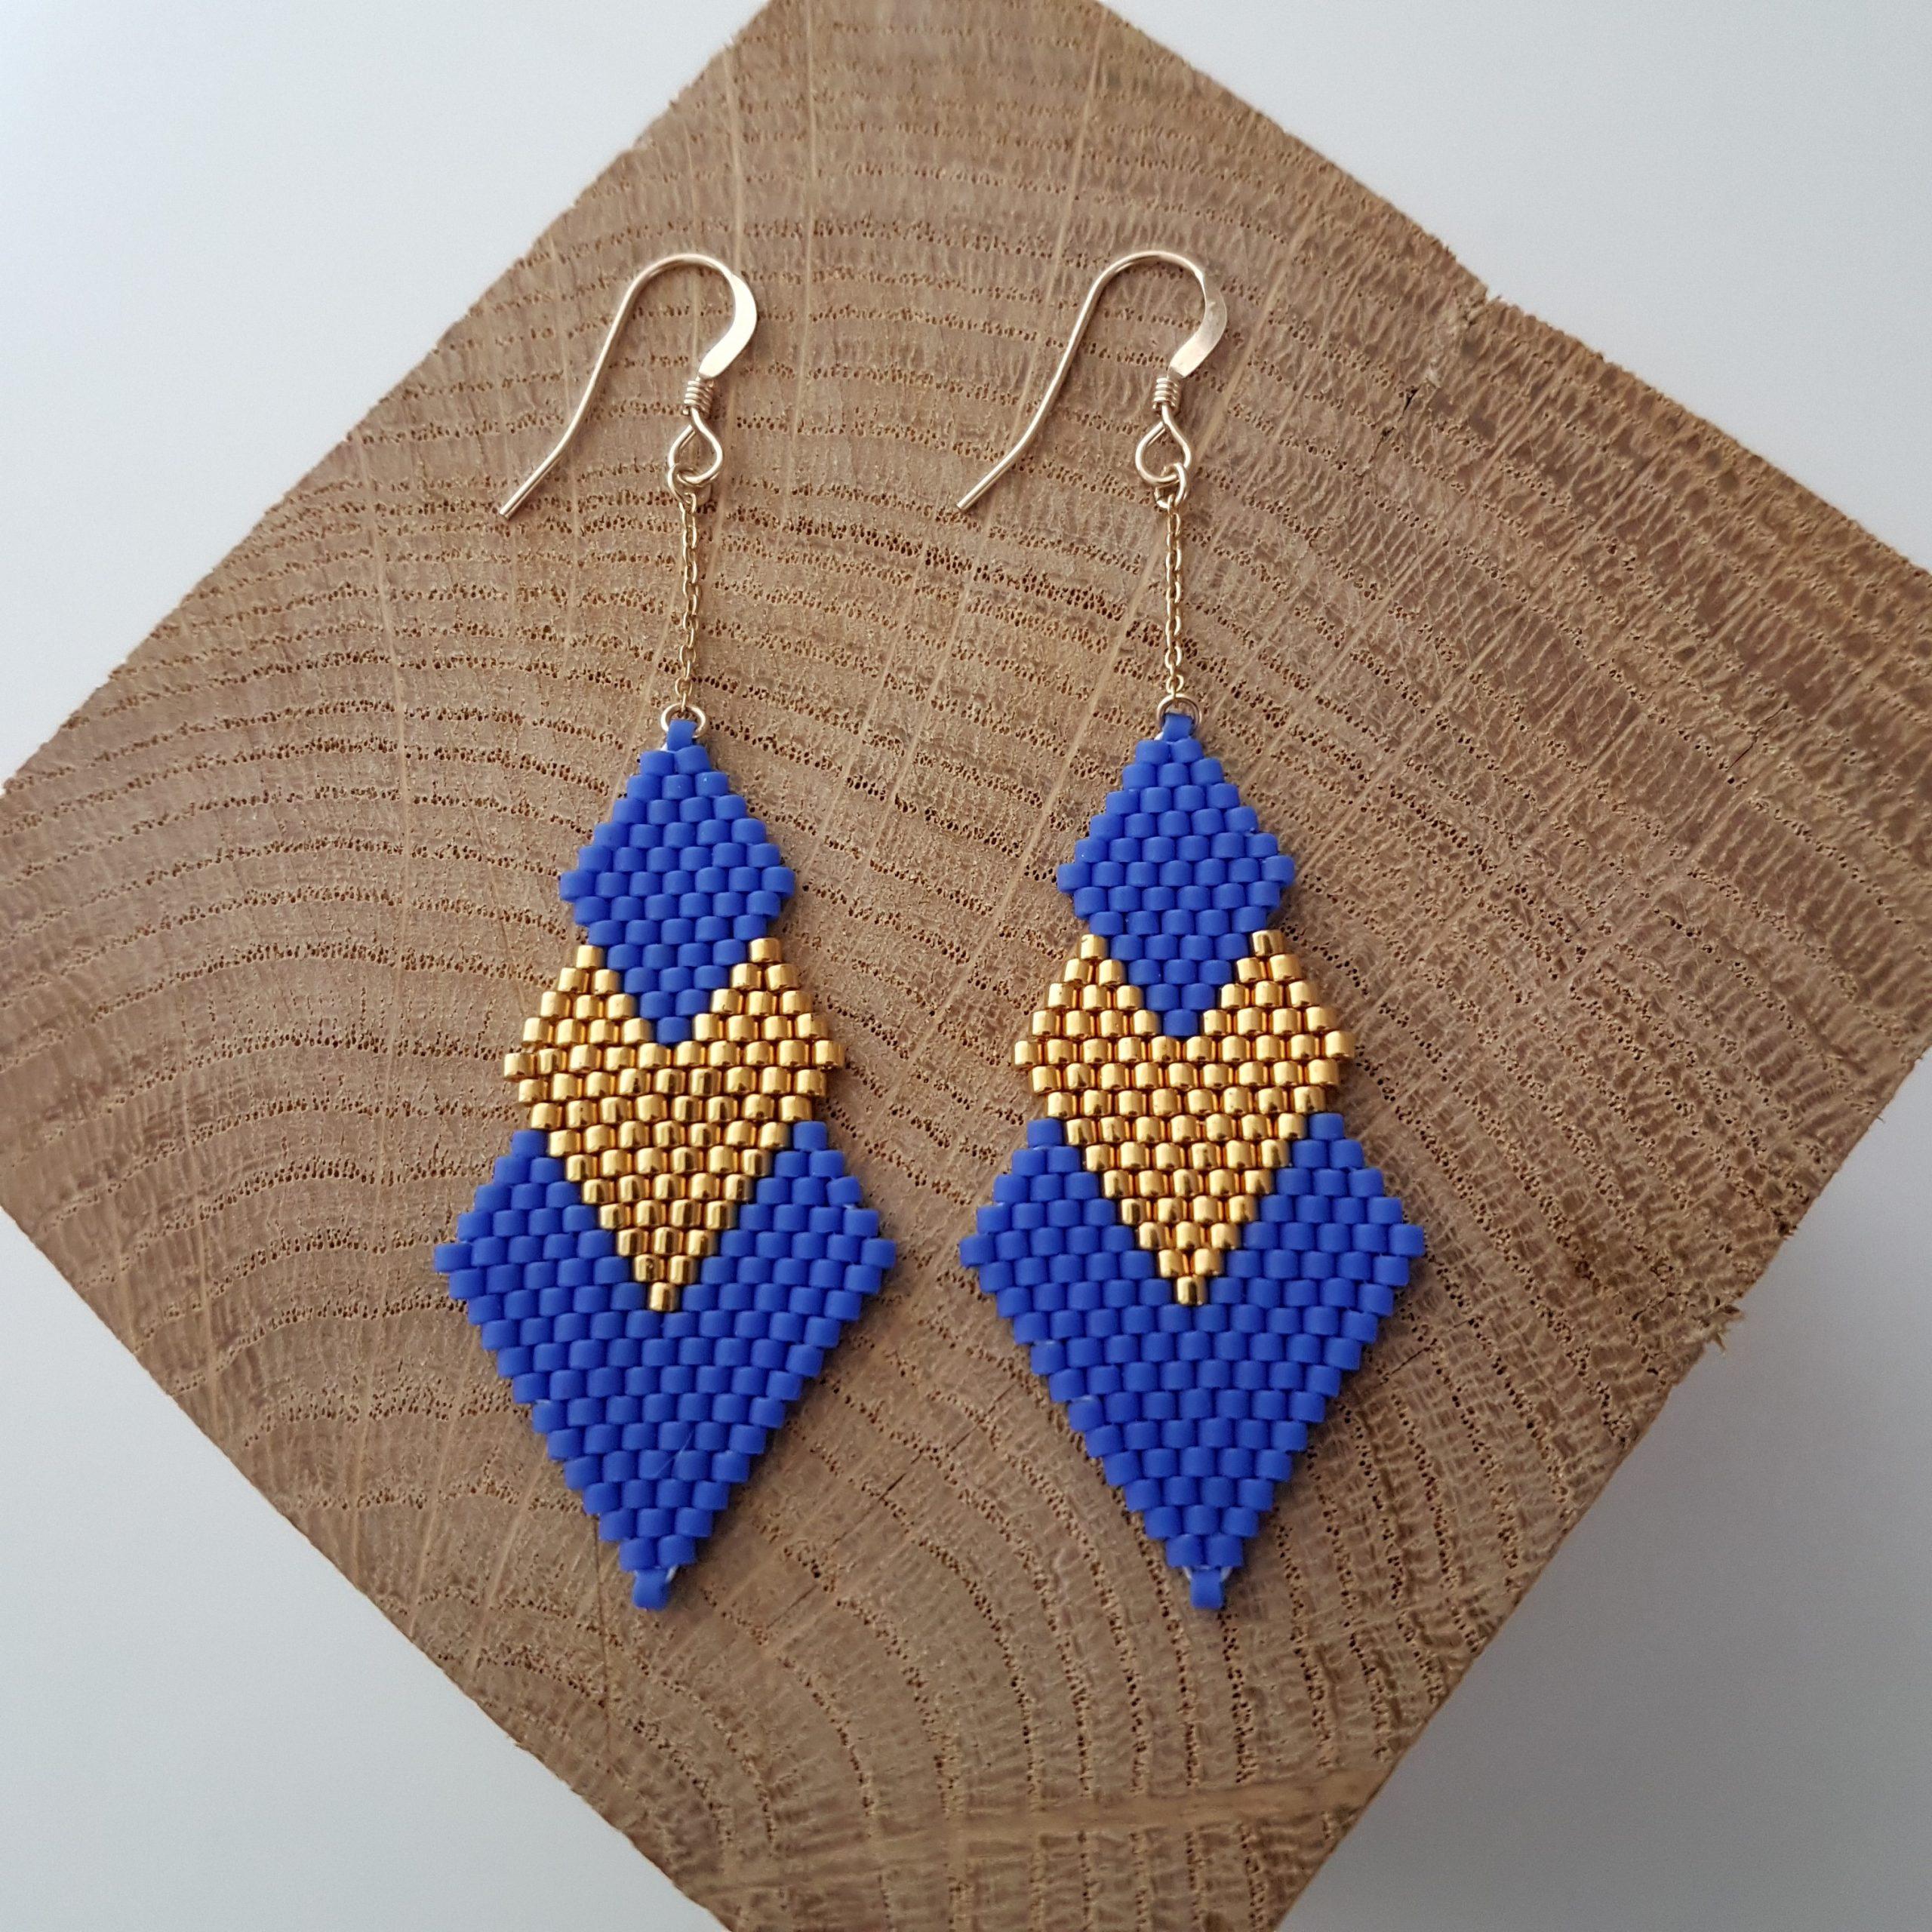 Boucles d'oreilles PENELOPE [bleu roi]